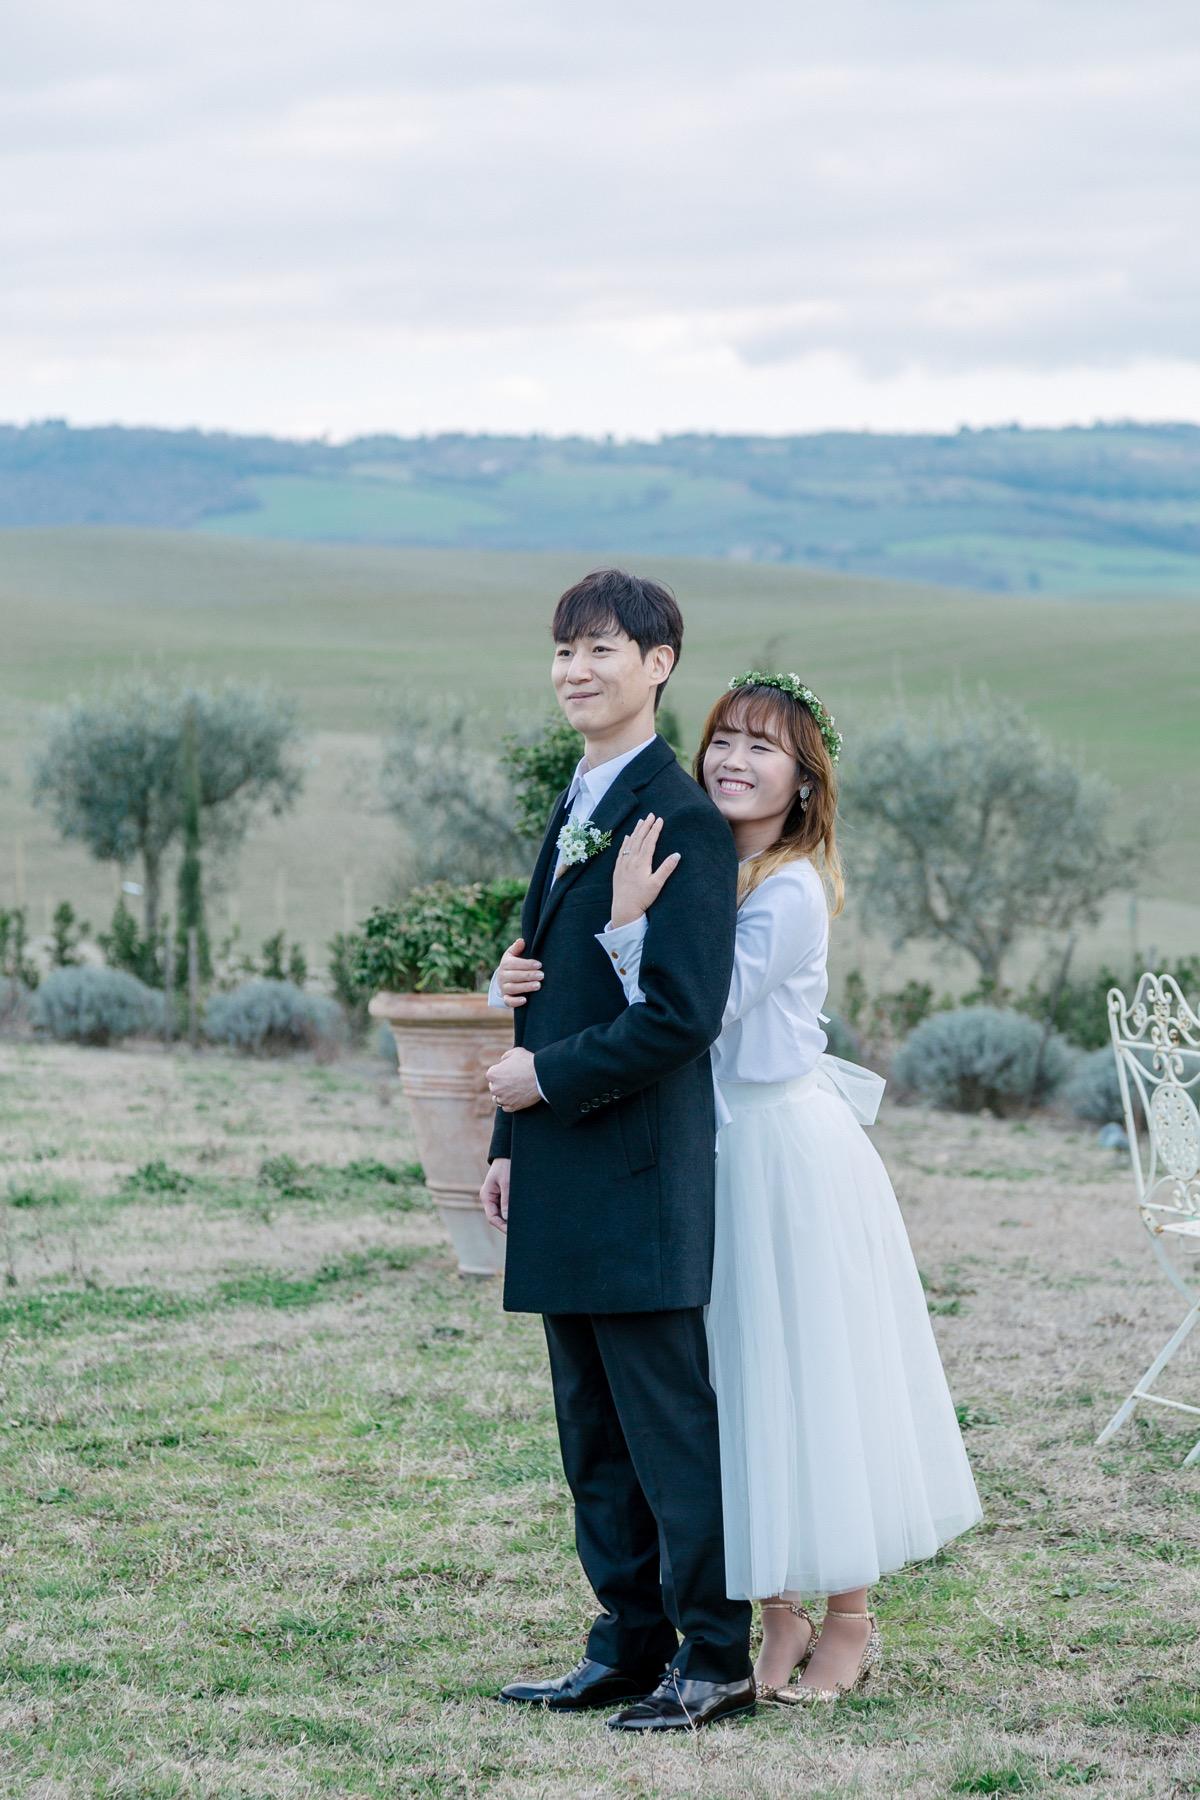 A Beautifully Rustic Honeymoon Shoot in Tuscany | Tuscany Vacation ...